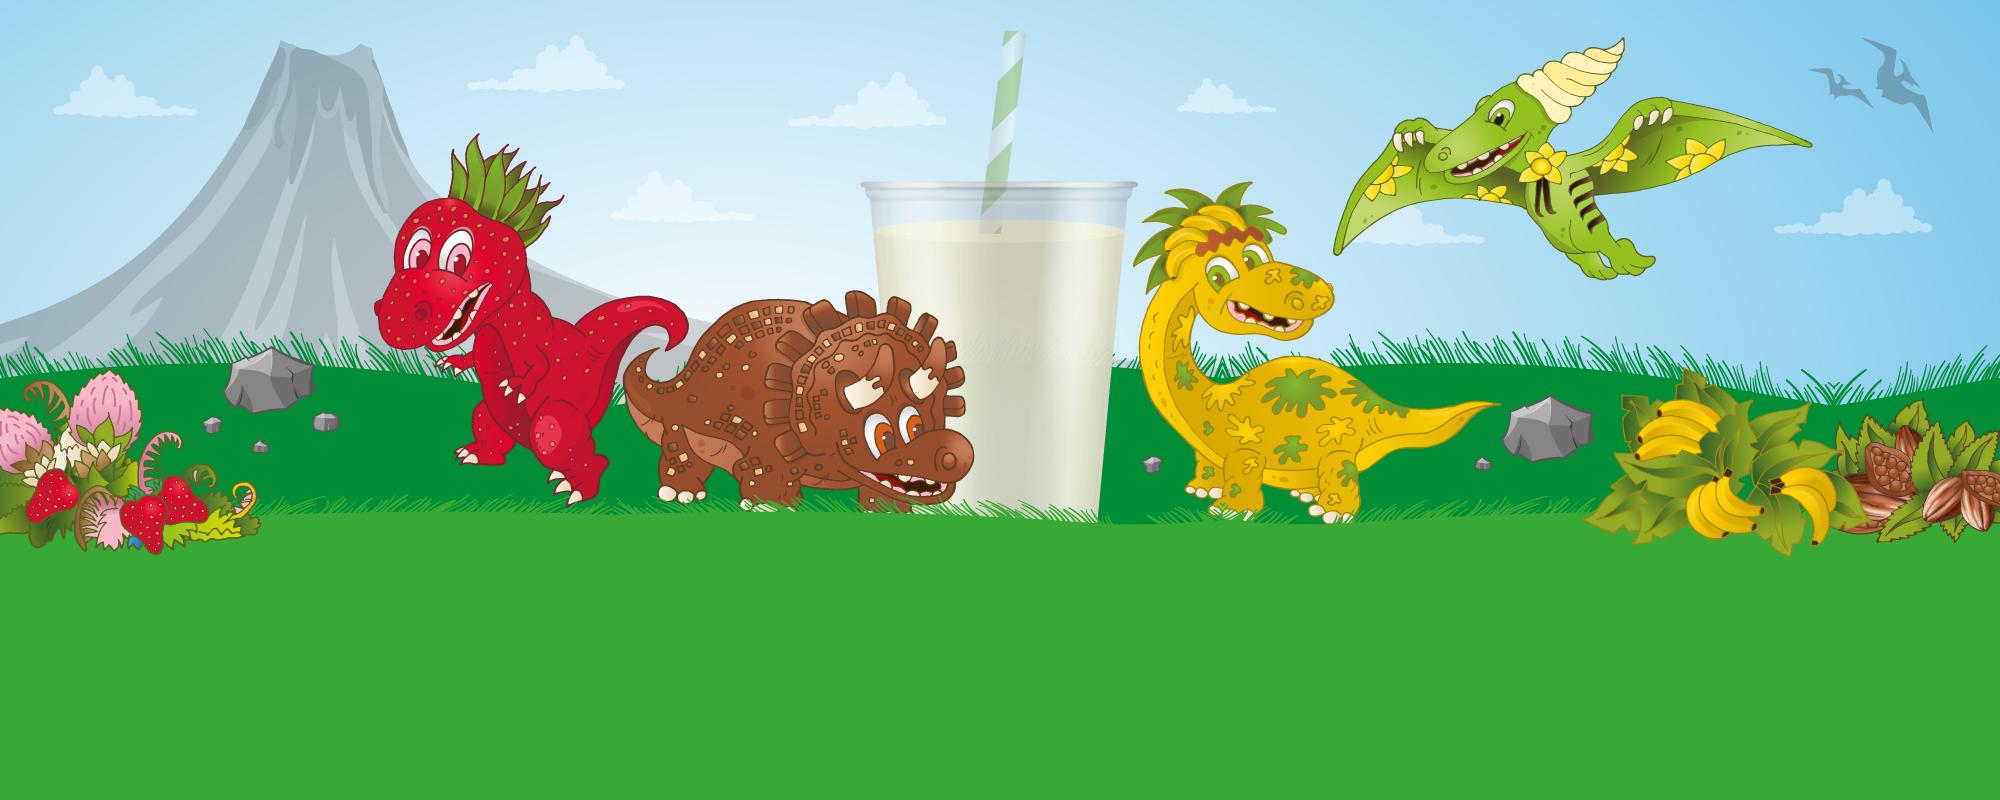 Milkshakes for kids